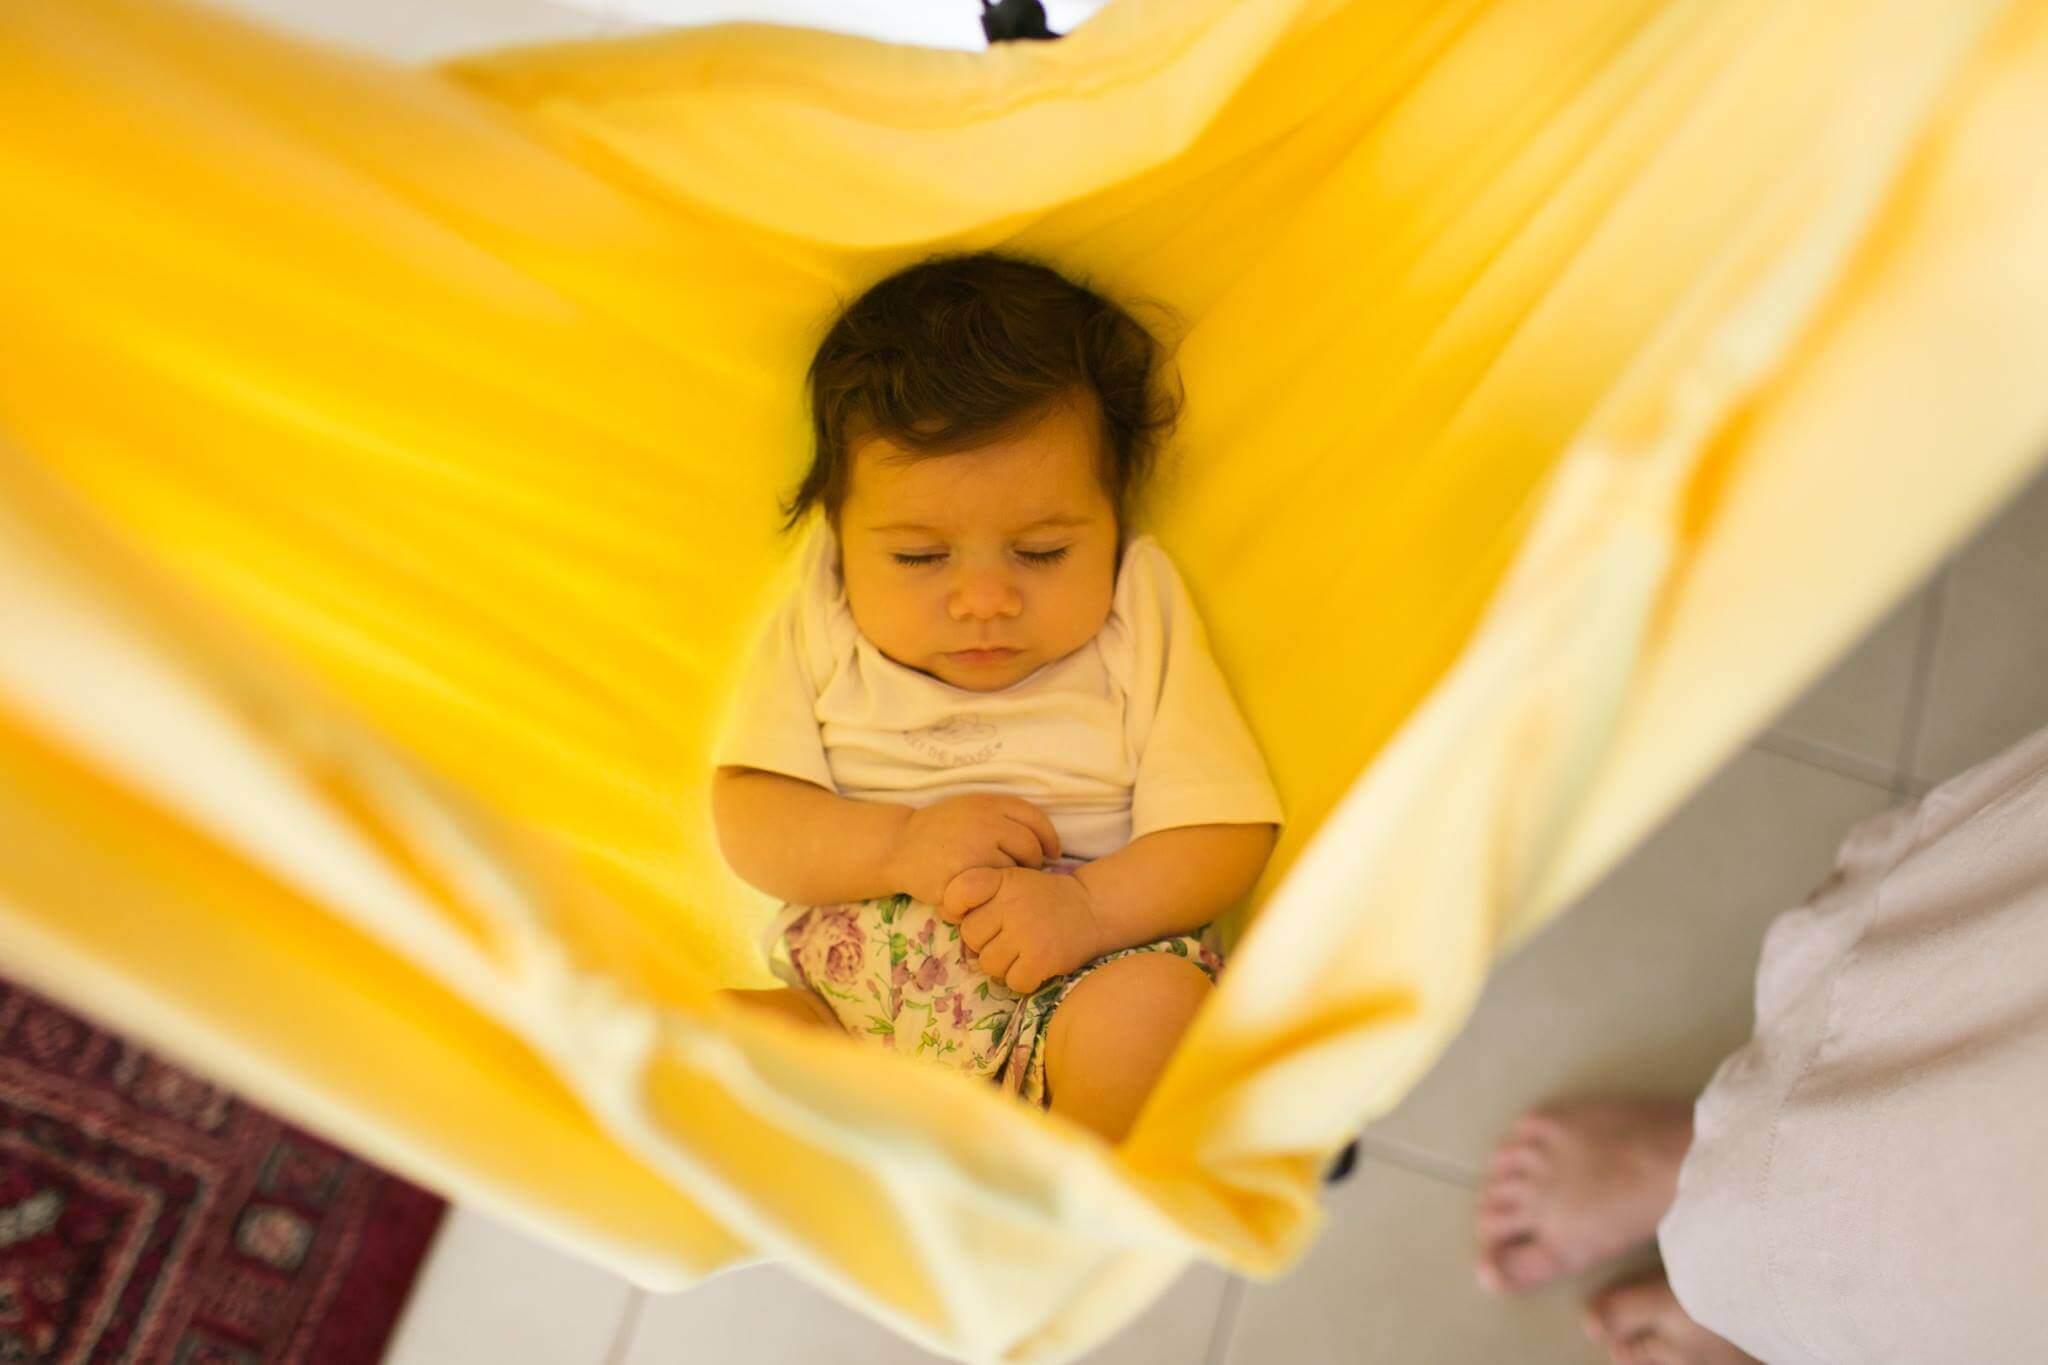 מה אפשר לעשות כדי לגדל תינוק מסתגל